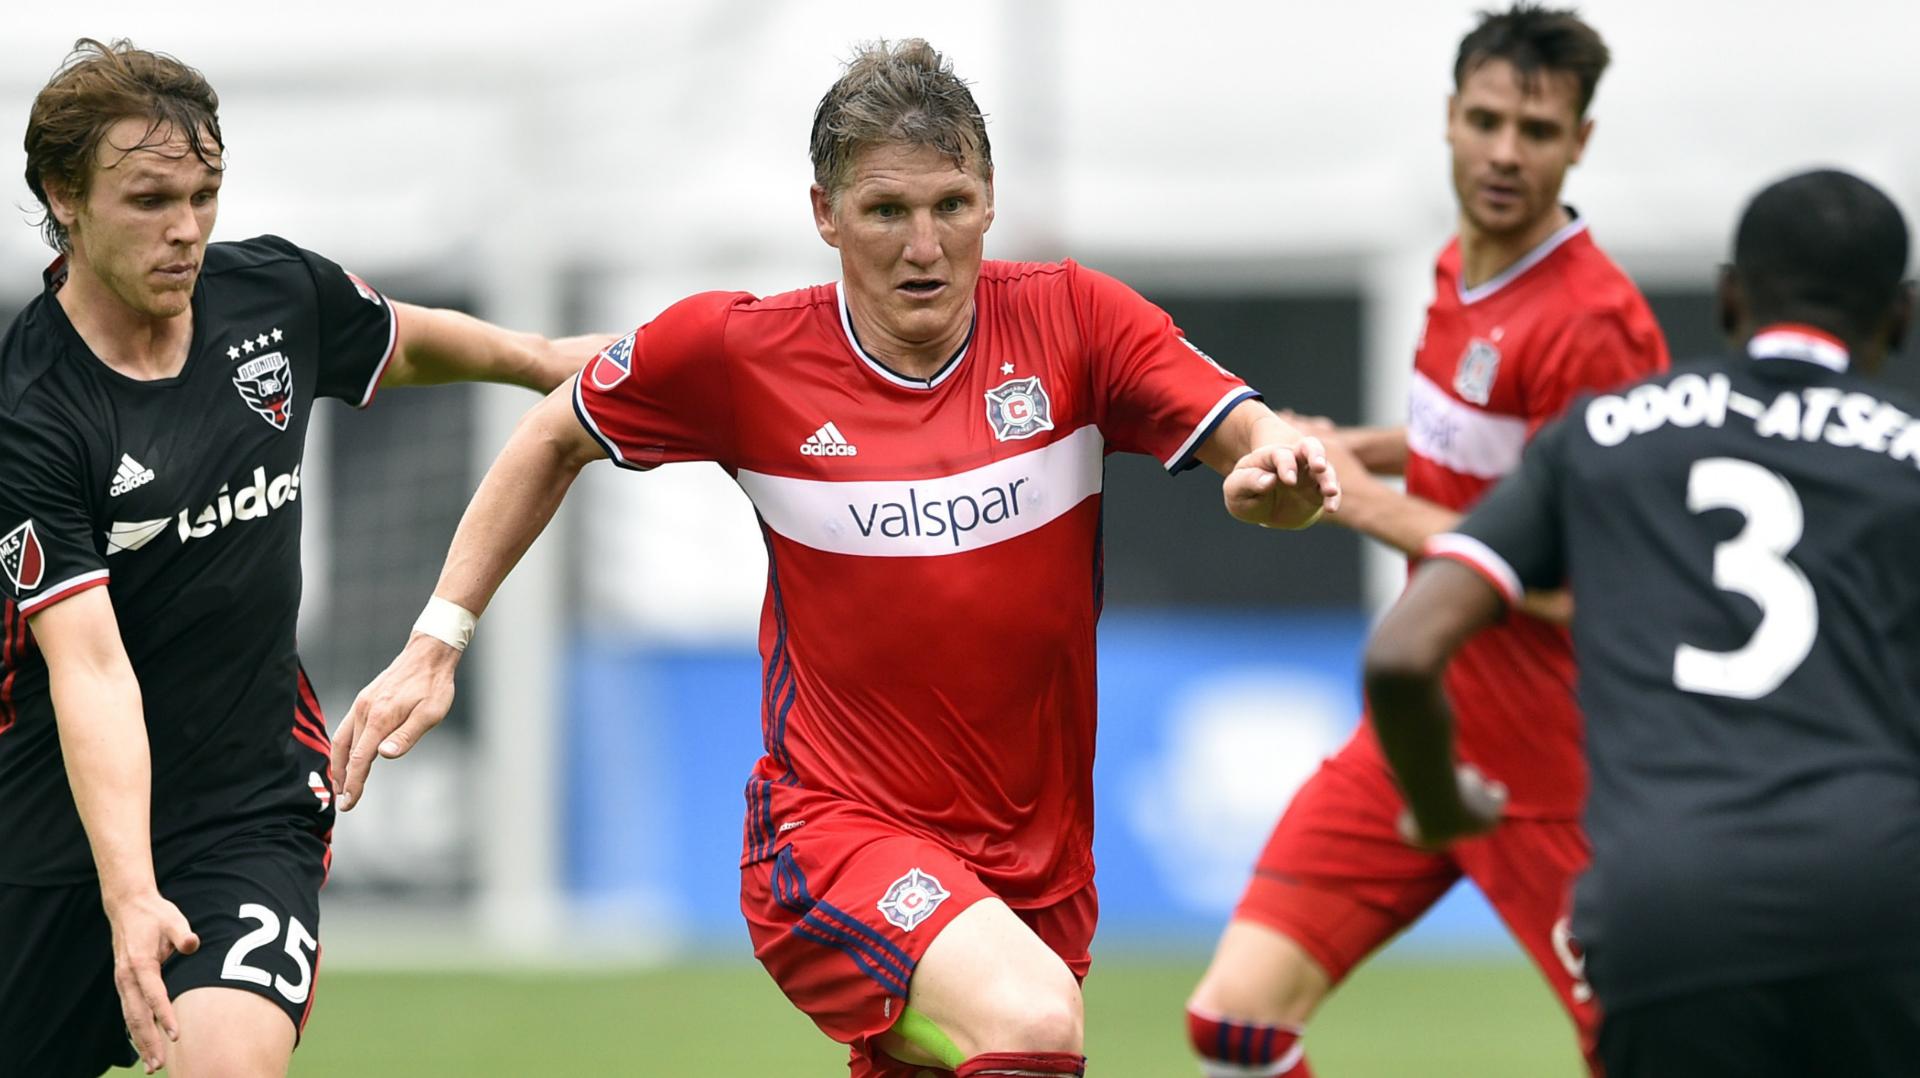 Bastian Schweinsteiger Jared Jeffrey Chicago Fire D.C. United